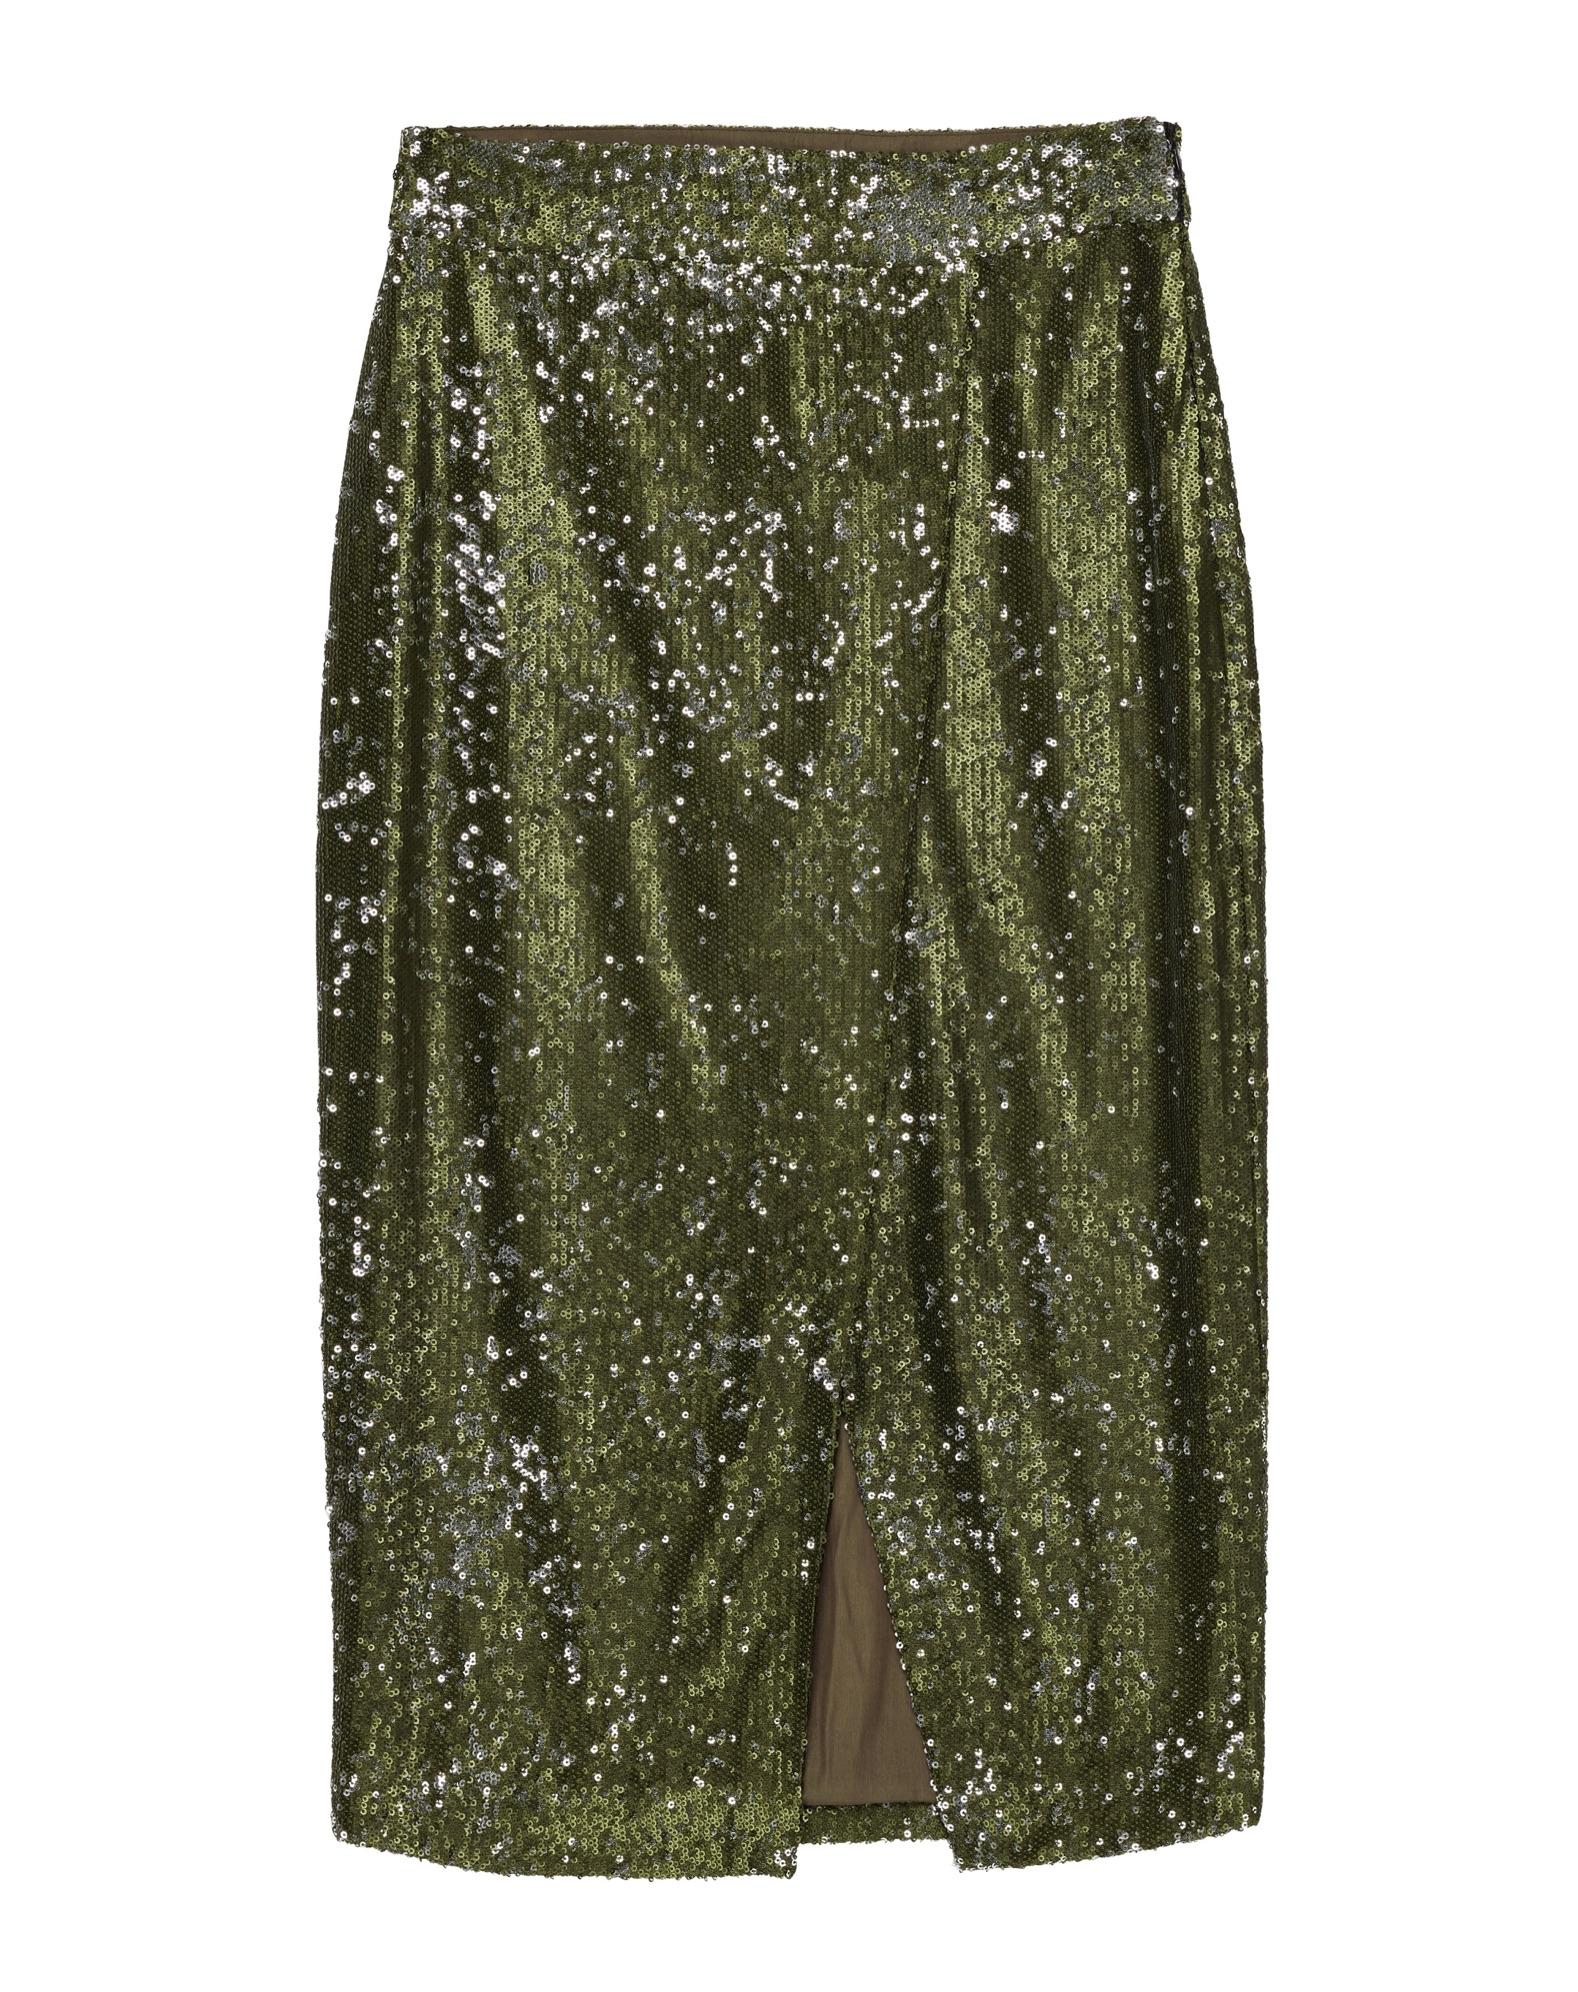 b24408ab IBEN - Joaquin Sequin Skirt - Feel Good Store